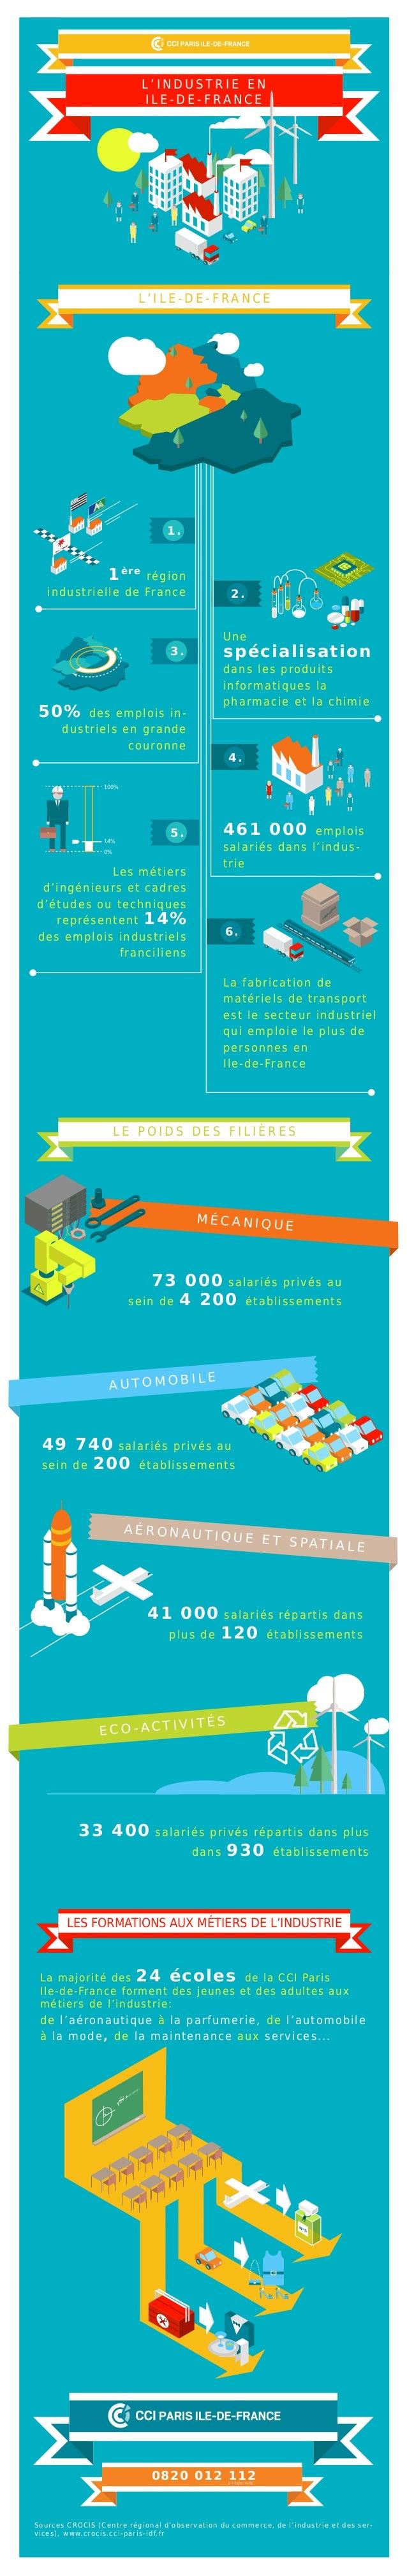 L ' I N D U S T R I E E N I L E - D E - F R A N C E F R A G IL E La majorité des 24 écoles de la CCI Paris Ile-de-France f...